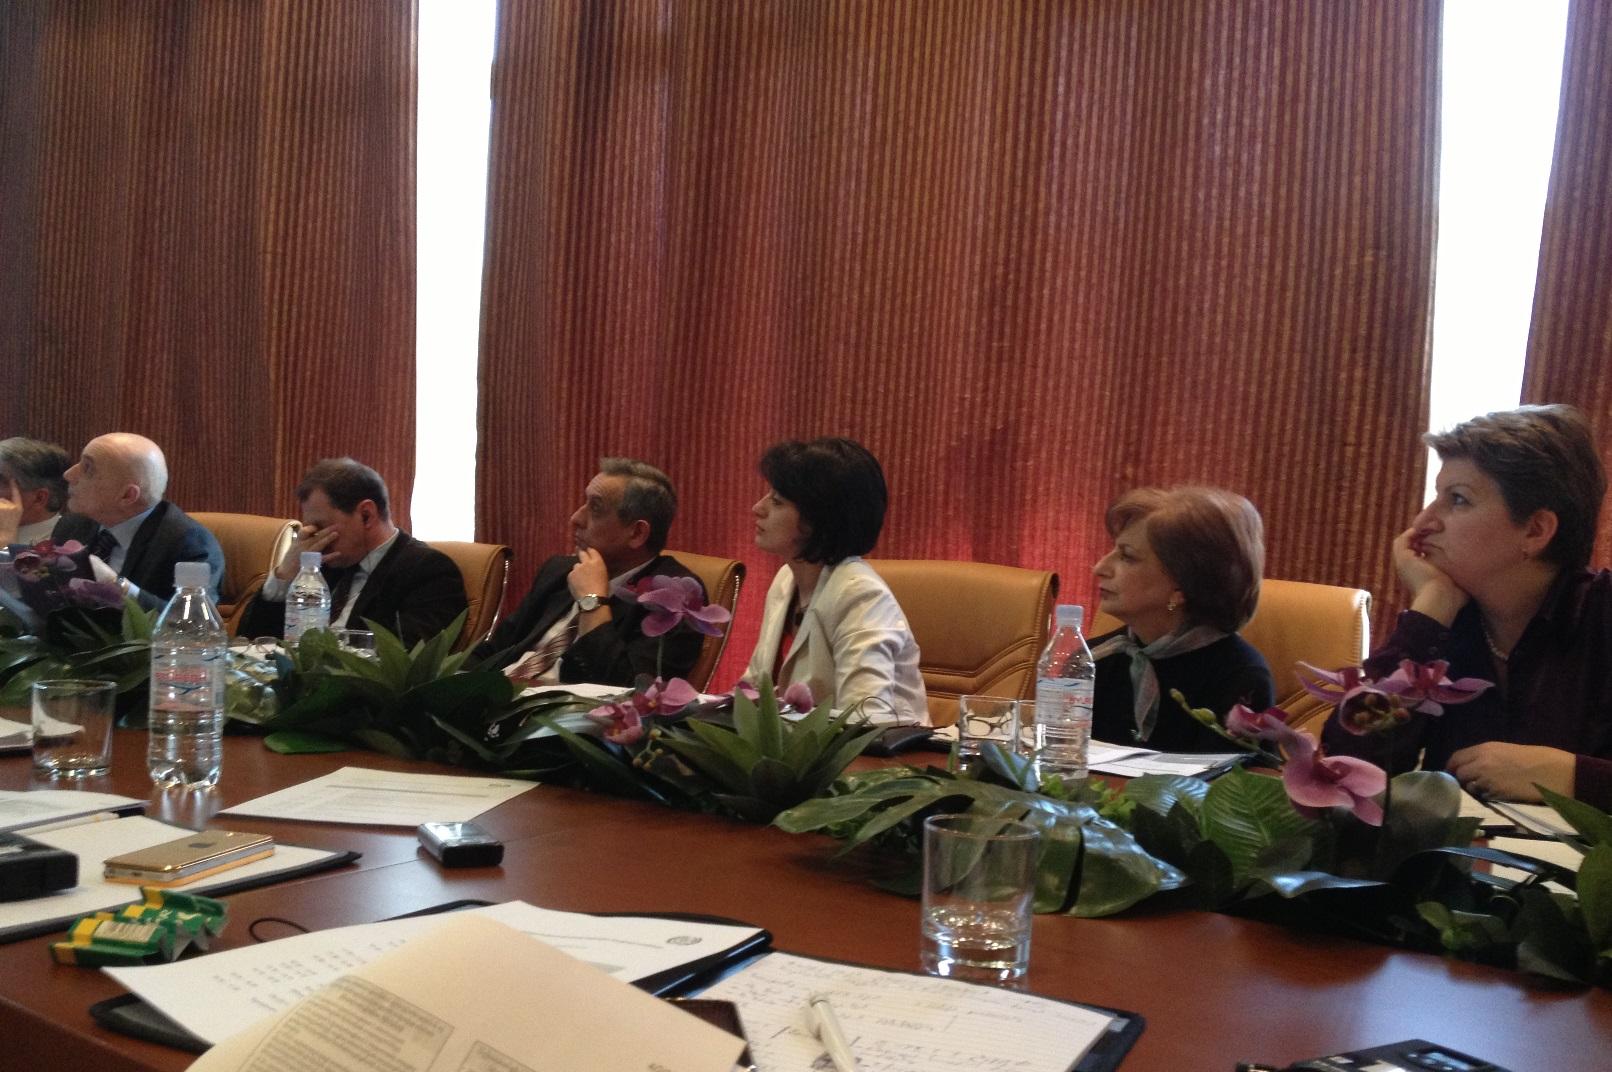 Ոչ ֆորմալ զբաղվածությունը Հայաստանում, թաքնված աշխատողներ